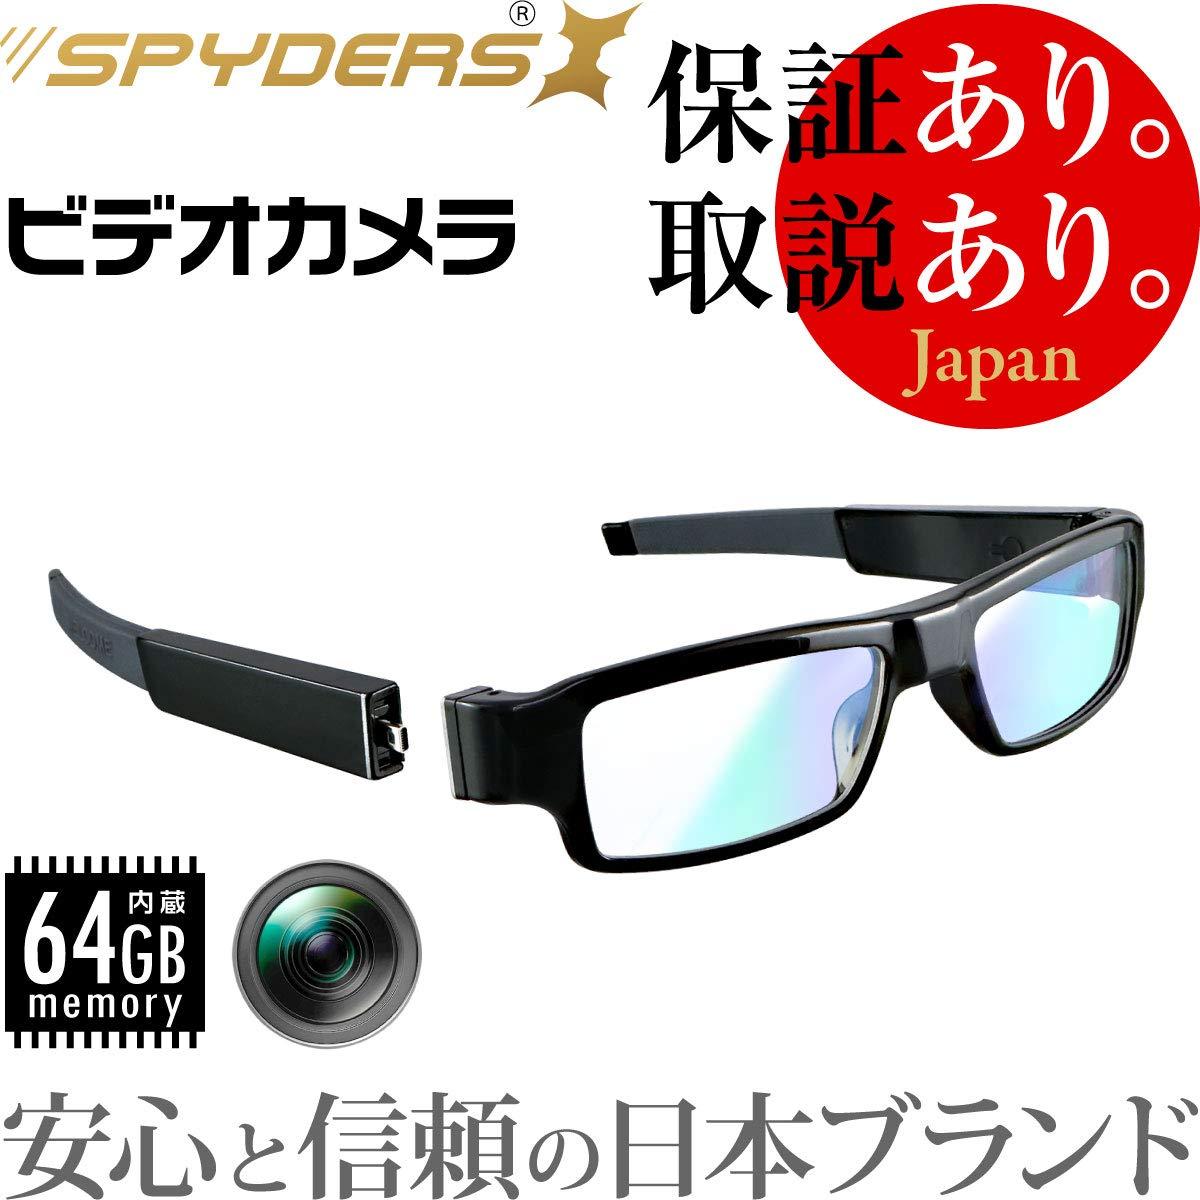 スパイダーズX 小型カメラ 小型カメラ メガネ型カメラ 防犯カメラ 防犯カメラ FHD FHD スペアバッテリー 64GB内蔵 スパイカメラ E-201 B07DK65J8P, 日本マタニティフィットネス協会:d3b73587 --- krianta.ru